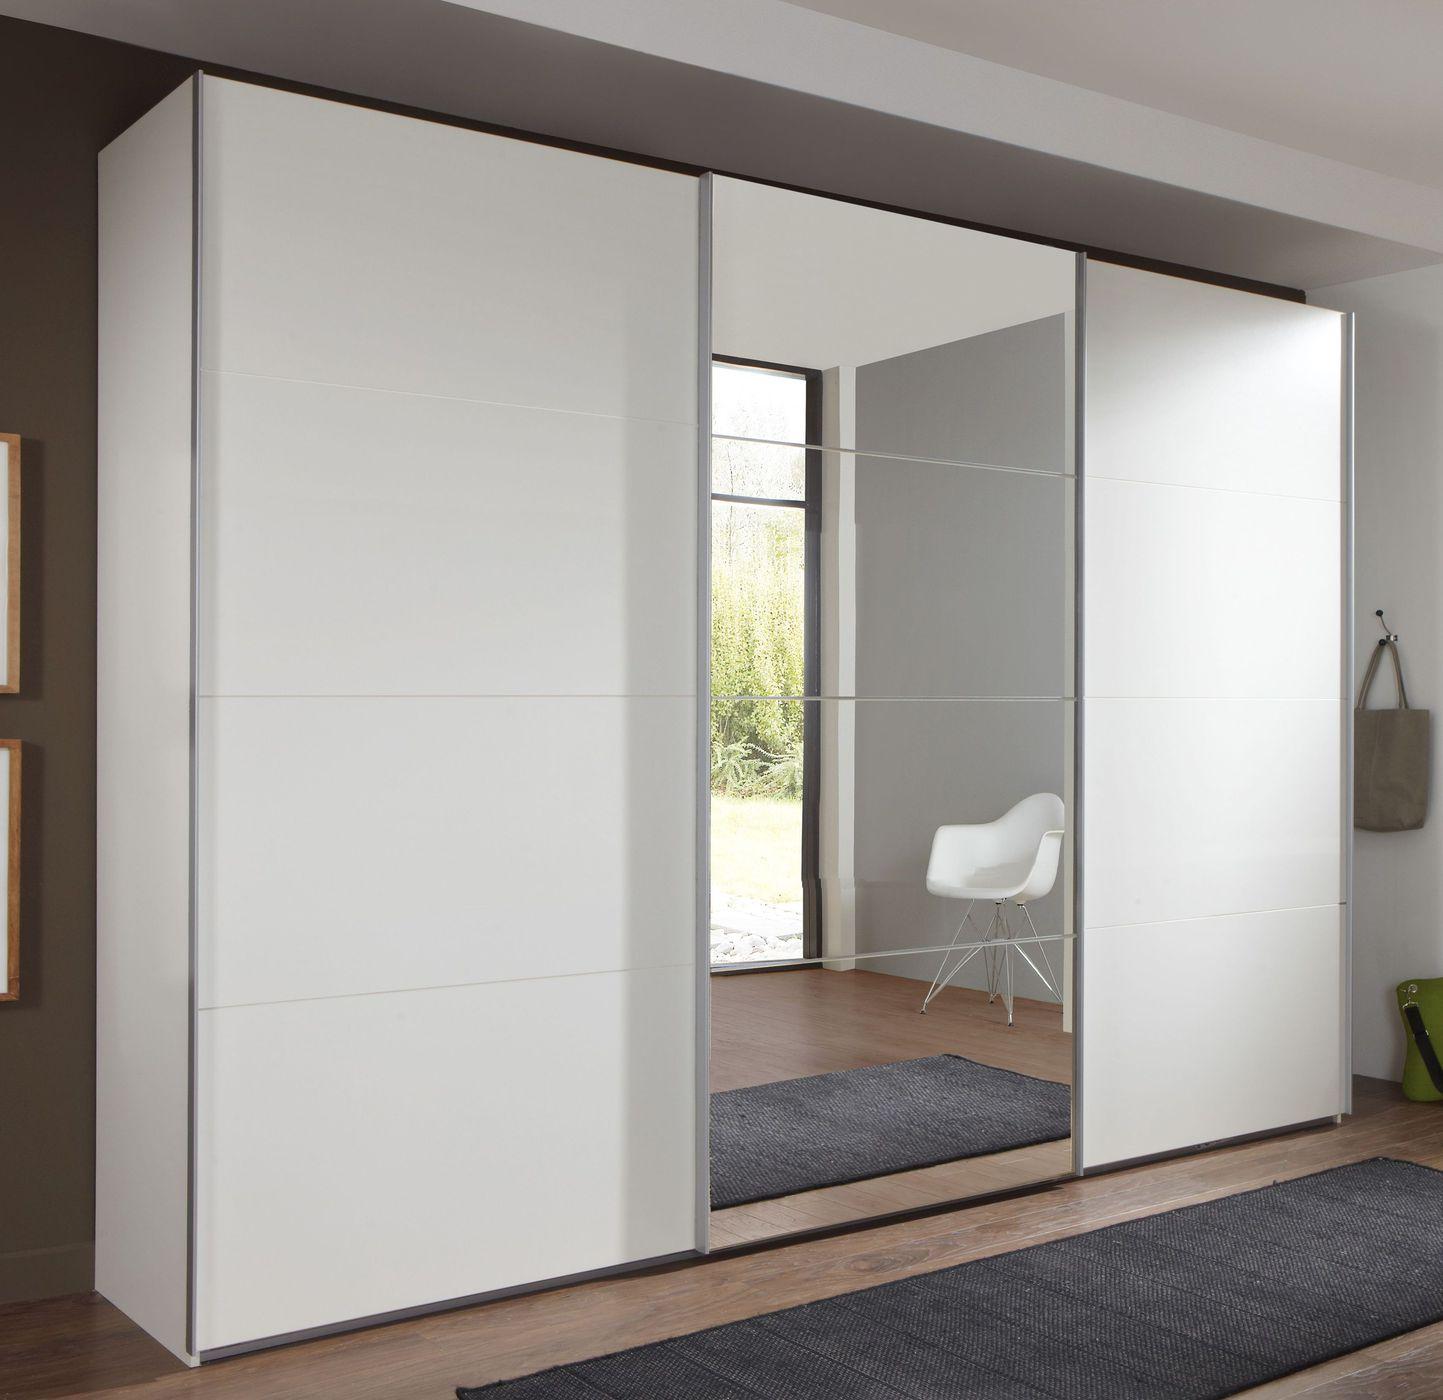 ger umiger wei er schwebet renschrank mit spiegelfl chen. Black Bedroom Furniture Sets. Home Design Ideas